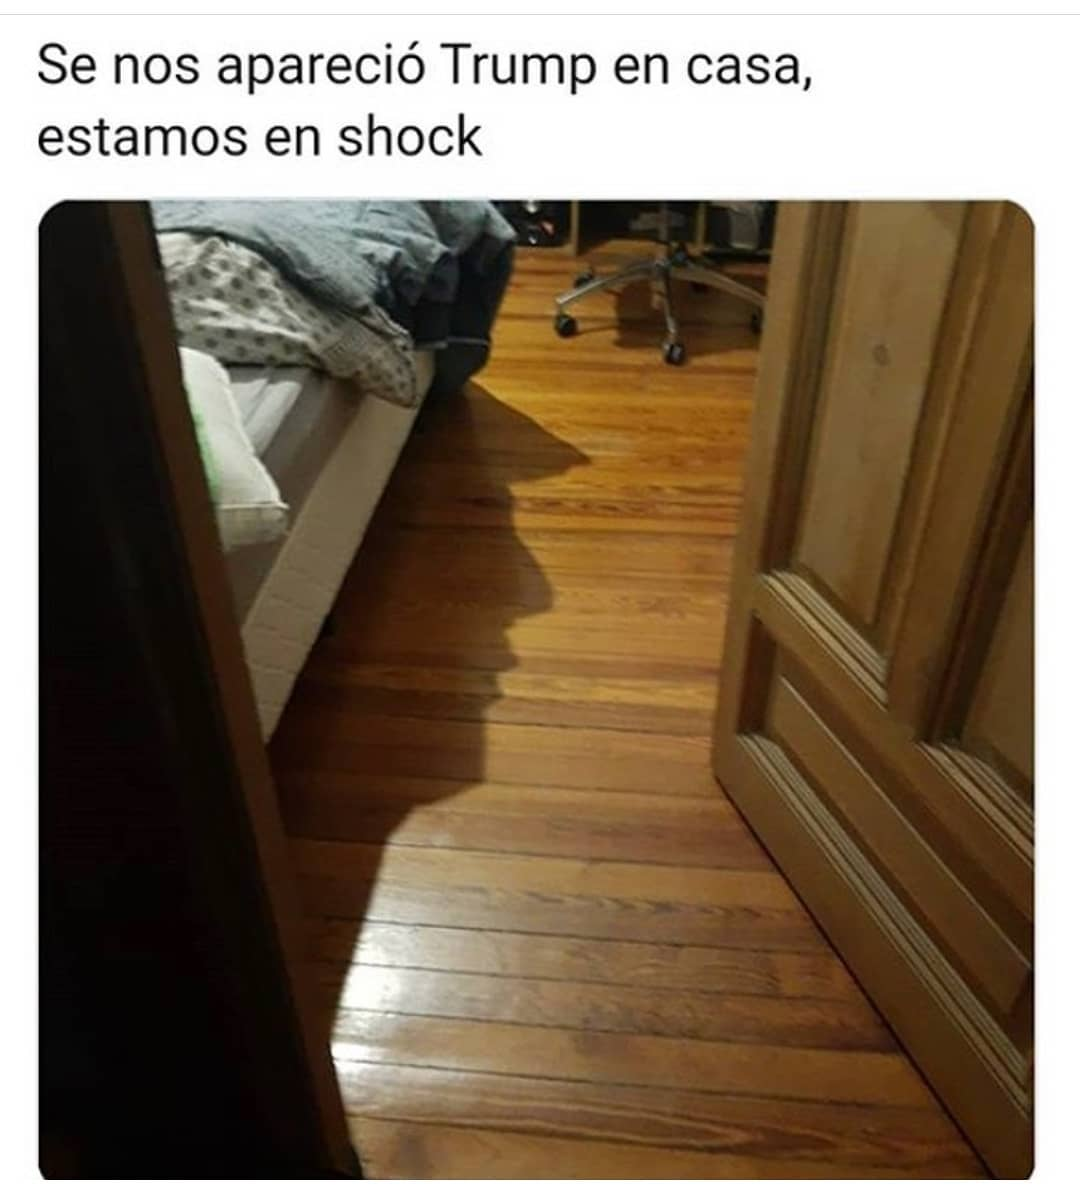 Se nos apareció Trump en casa, estamos en shock.